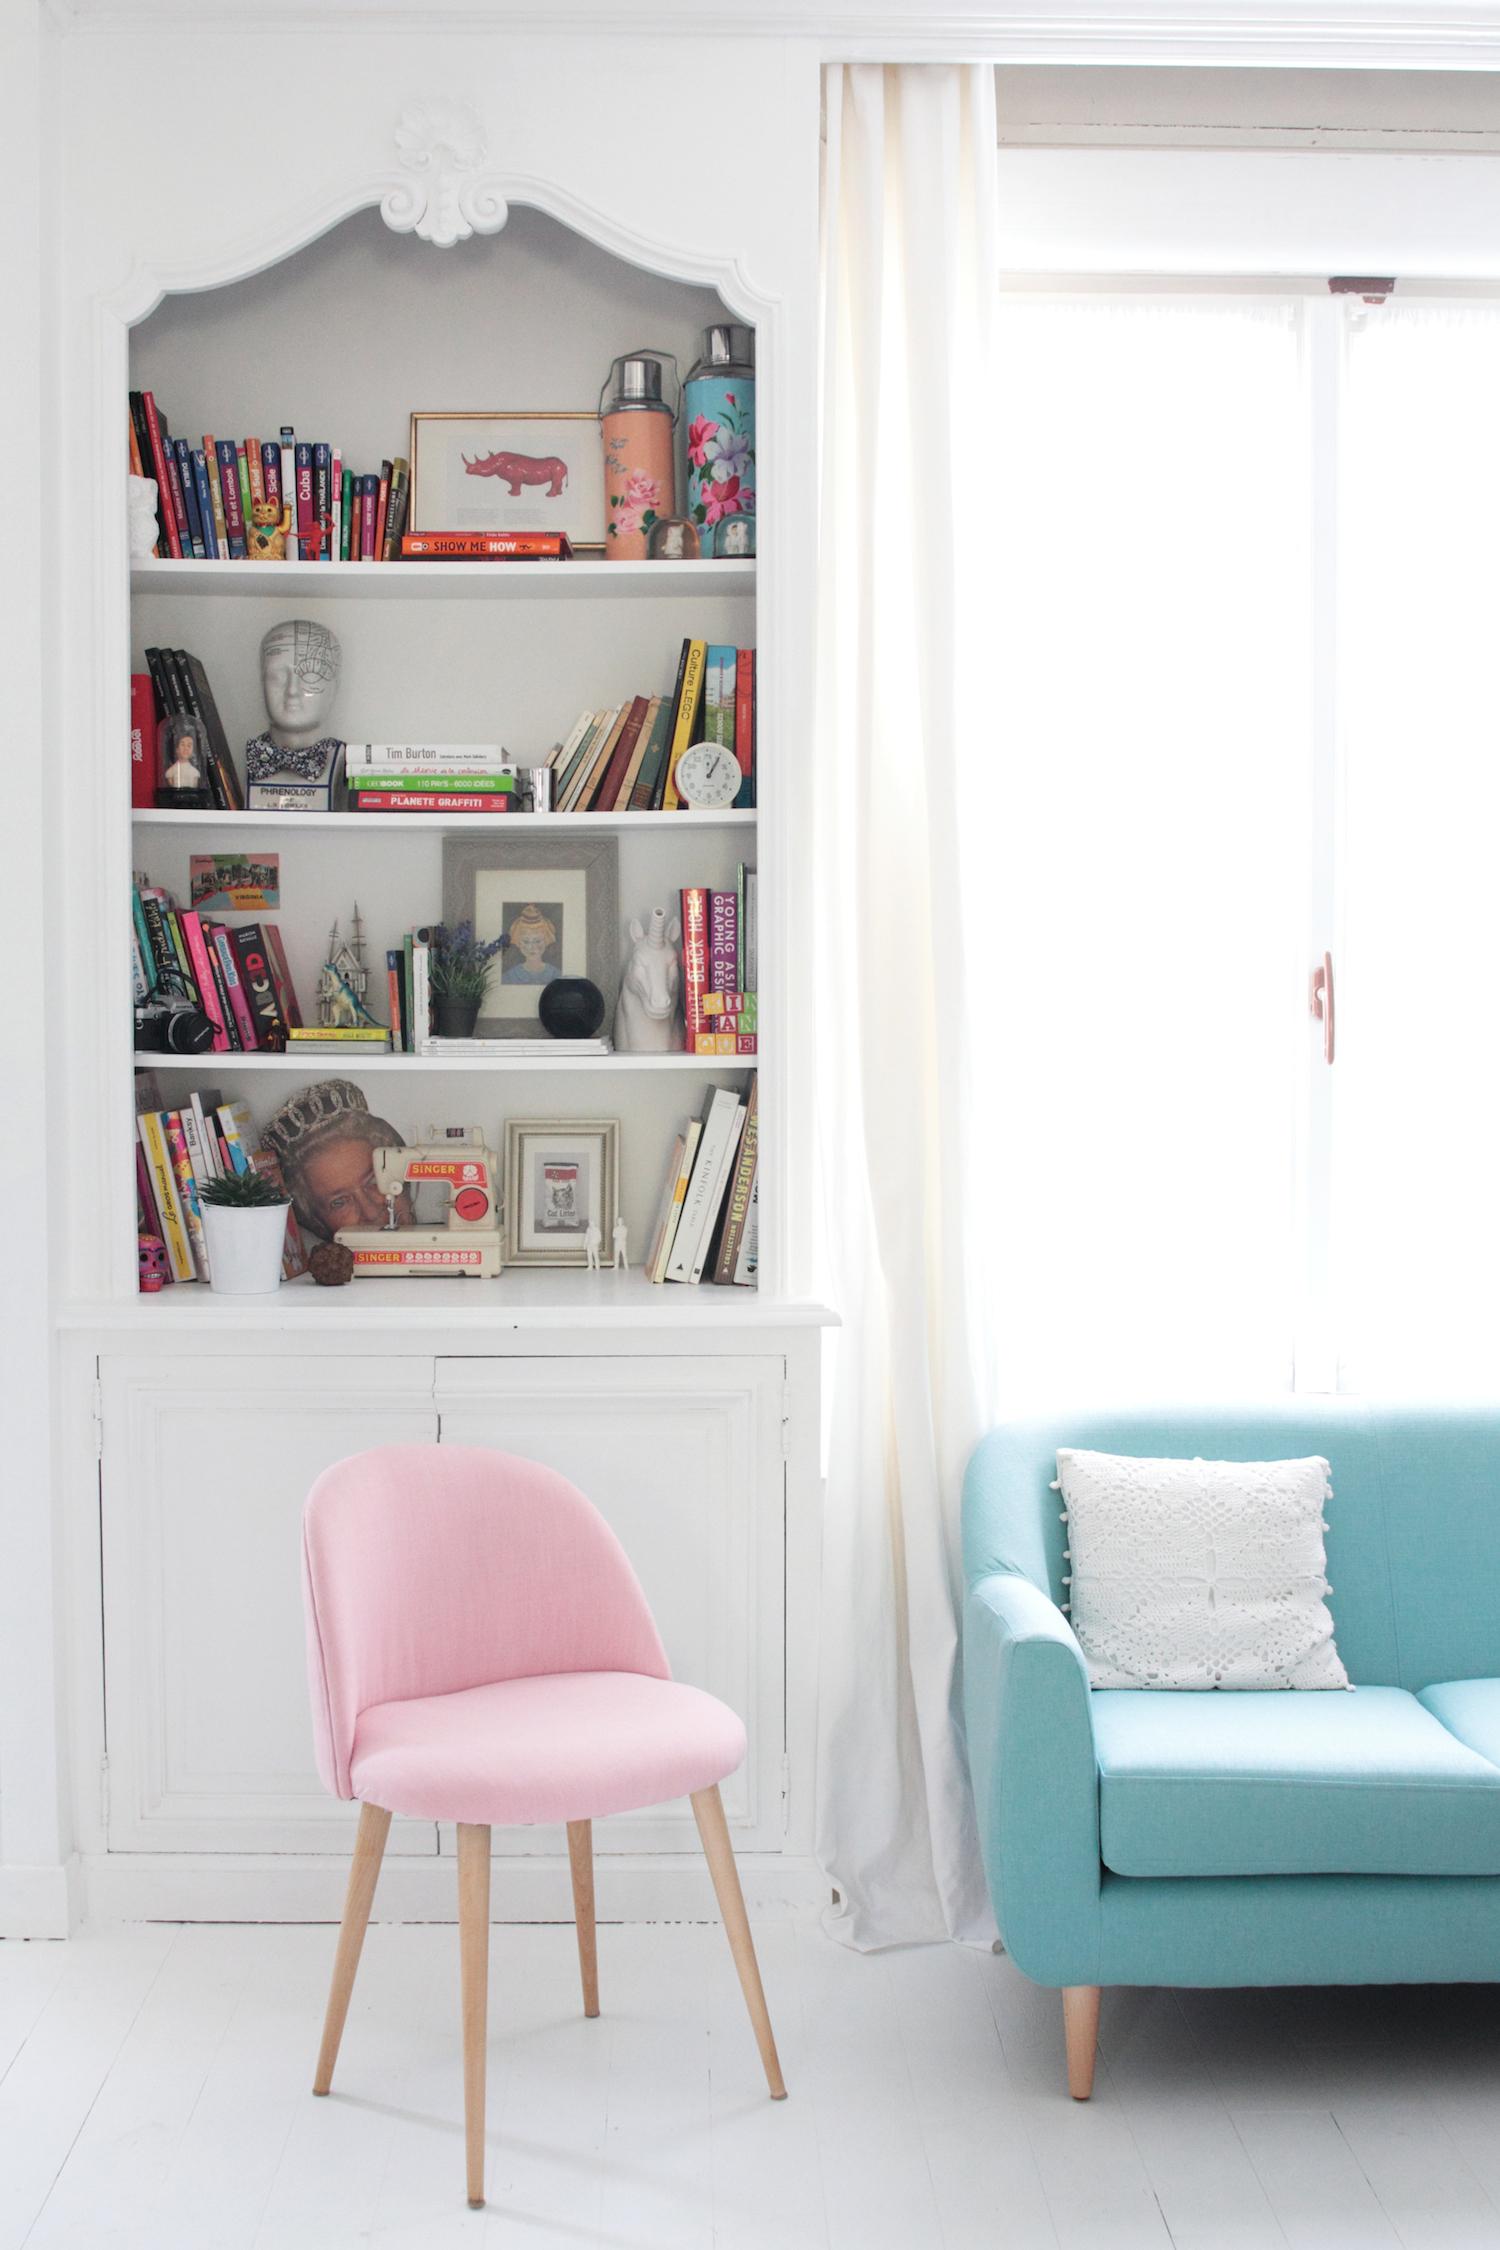 visite privee maison ville scandinave amelie christophe 2621 h ll blogzine. Black Bedroom Furniture Sets. Home Design Ideas